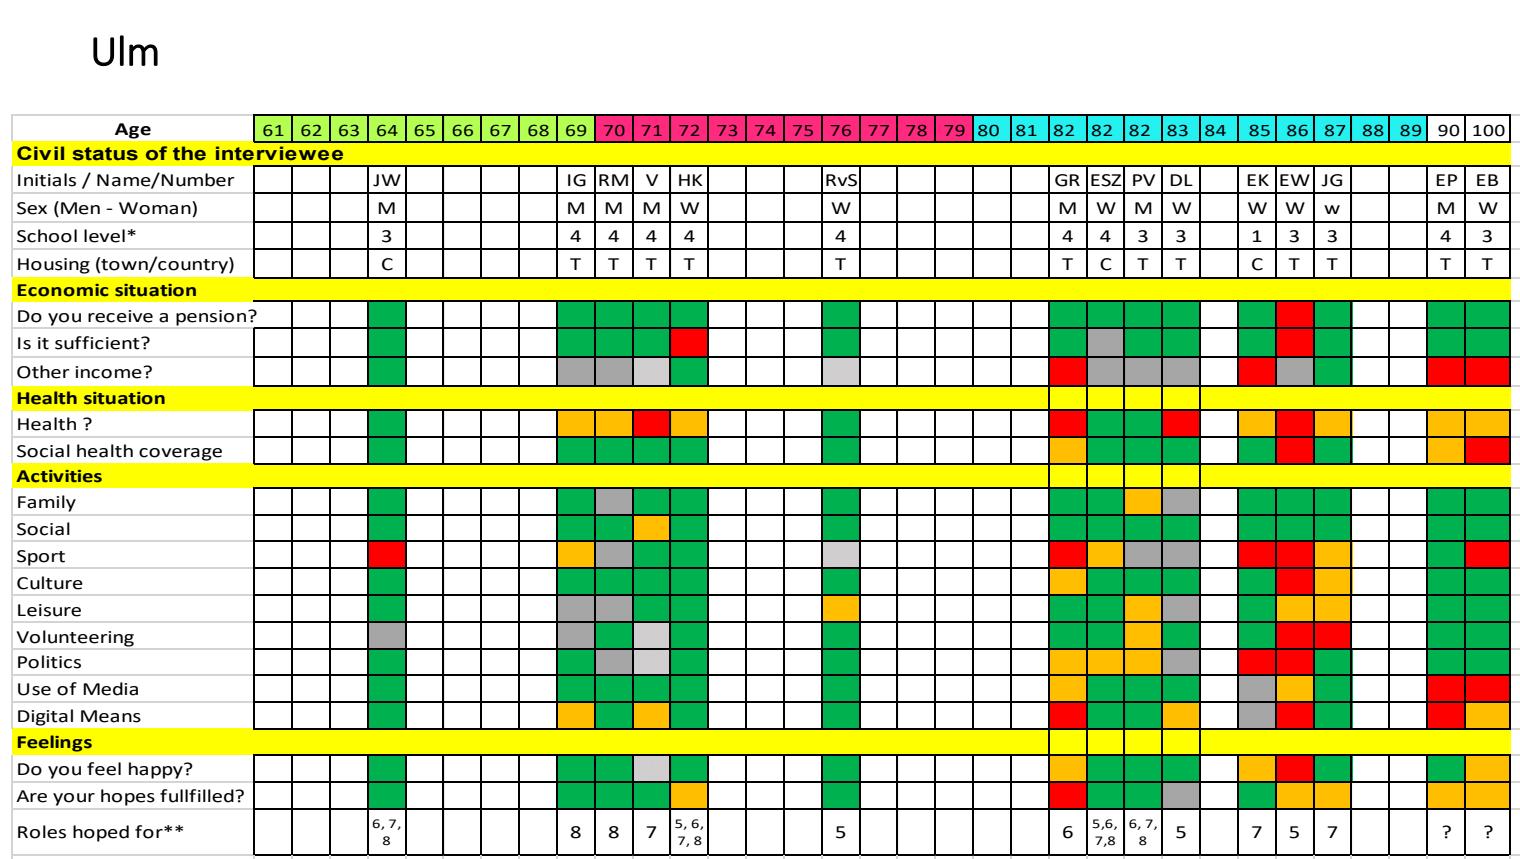 Ulm grid